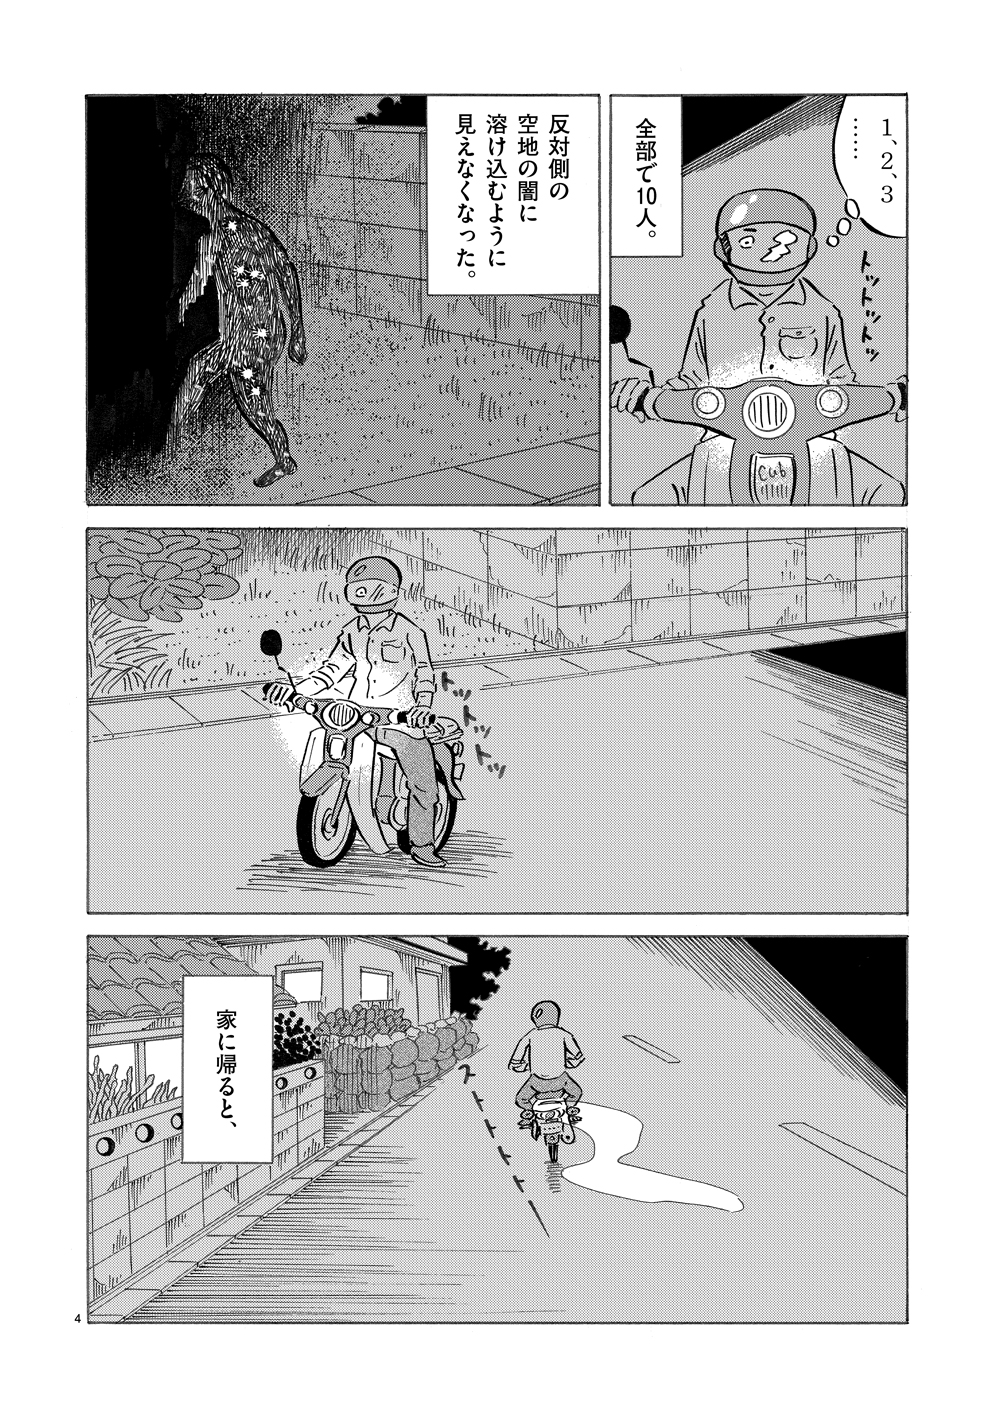 琉球怪談 【第2話】WEB掲載4ページ目画像